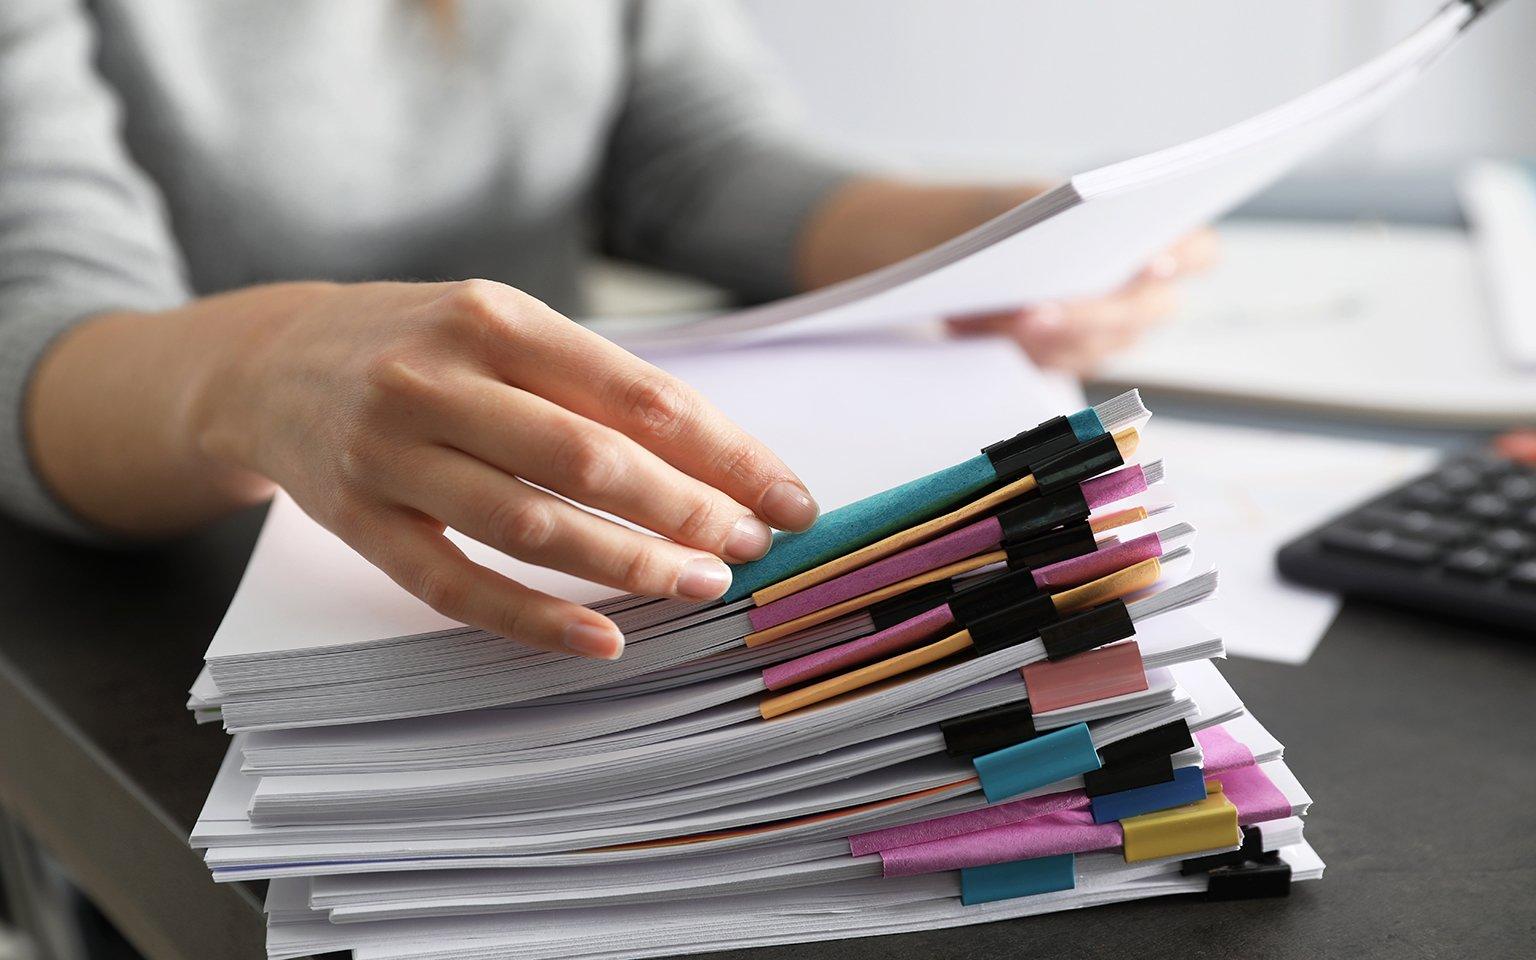 Documenti impilati che devono essere evasi